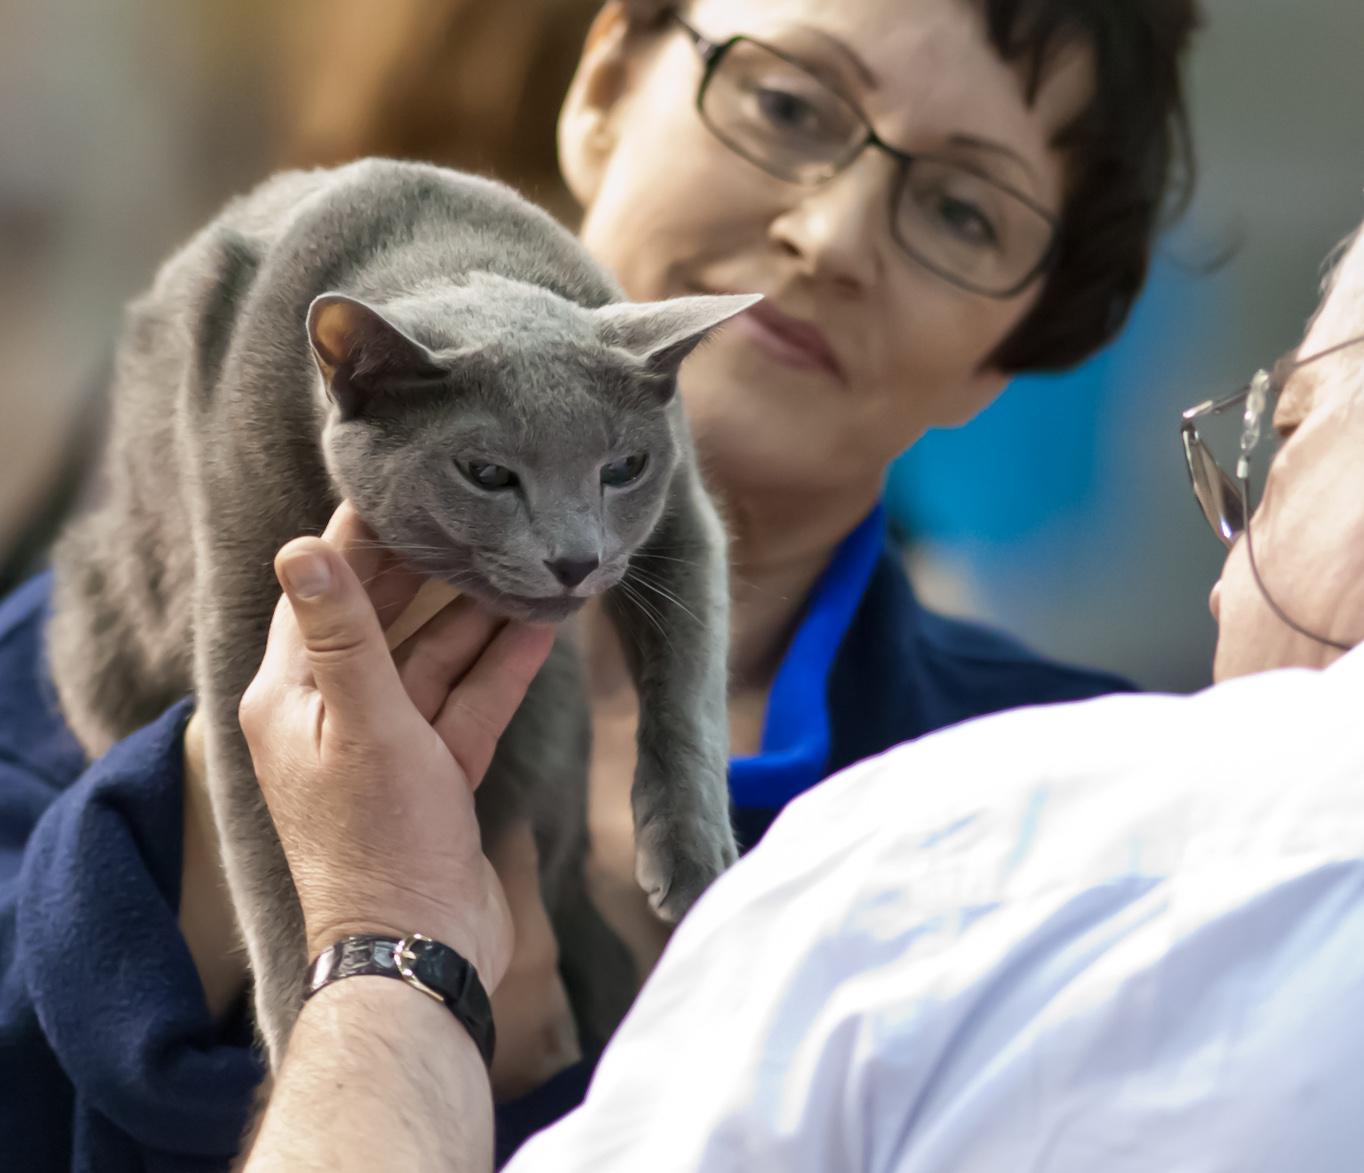 [RUS], kuva 195056, 19.5.2012